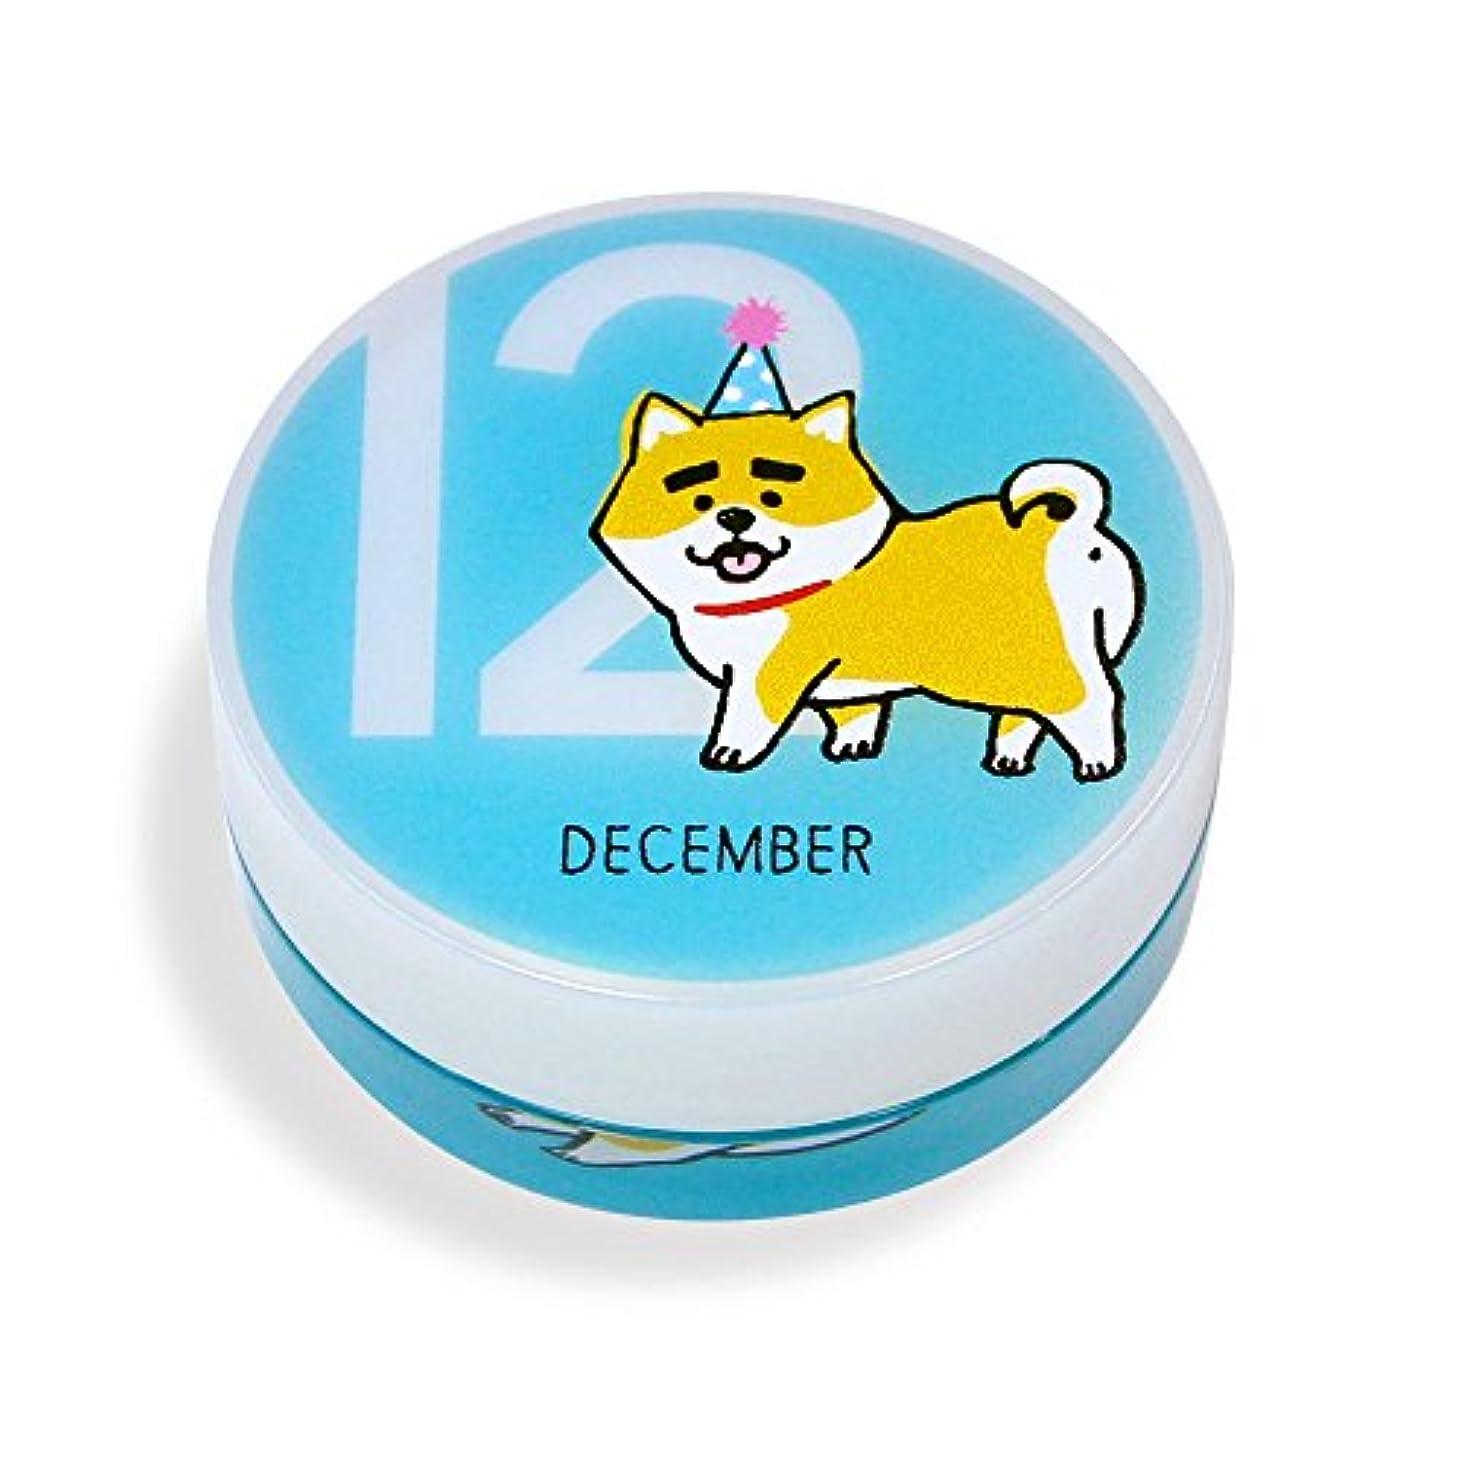 目の前のルーキーぜいたくしばんばん フルプルクリーム 誕生月シリーズ 12月 20g